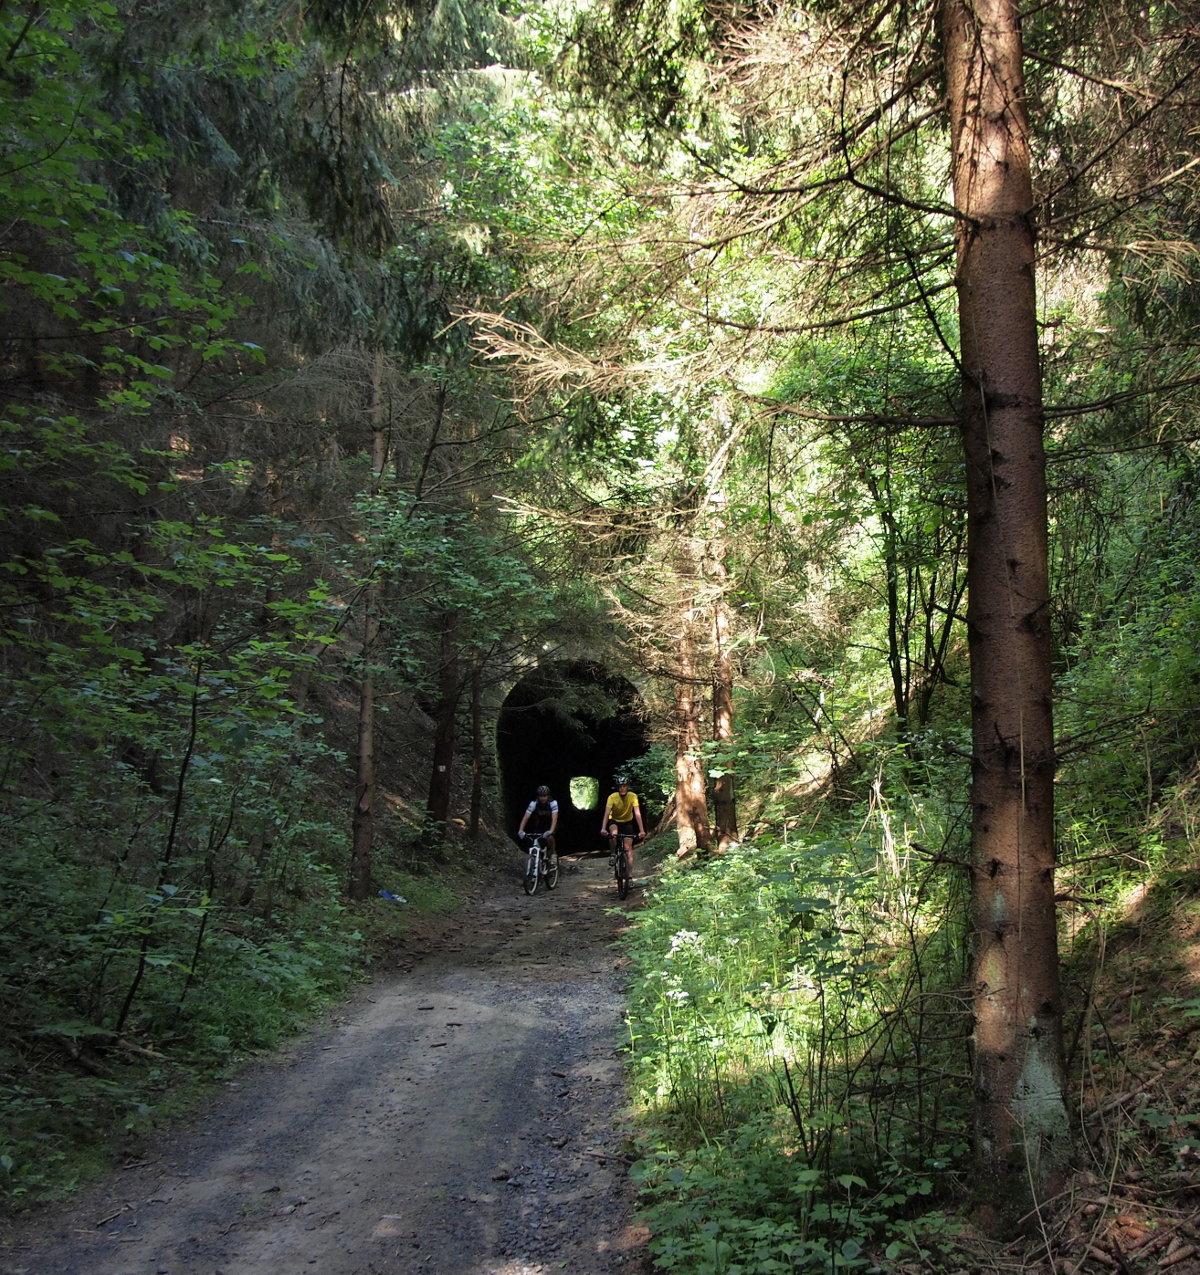 Egykori bányavasút útvonalát követi a sárga kerékpáros jelzés: az egyik legizgalmasabb szakasza az alagút!